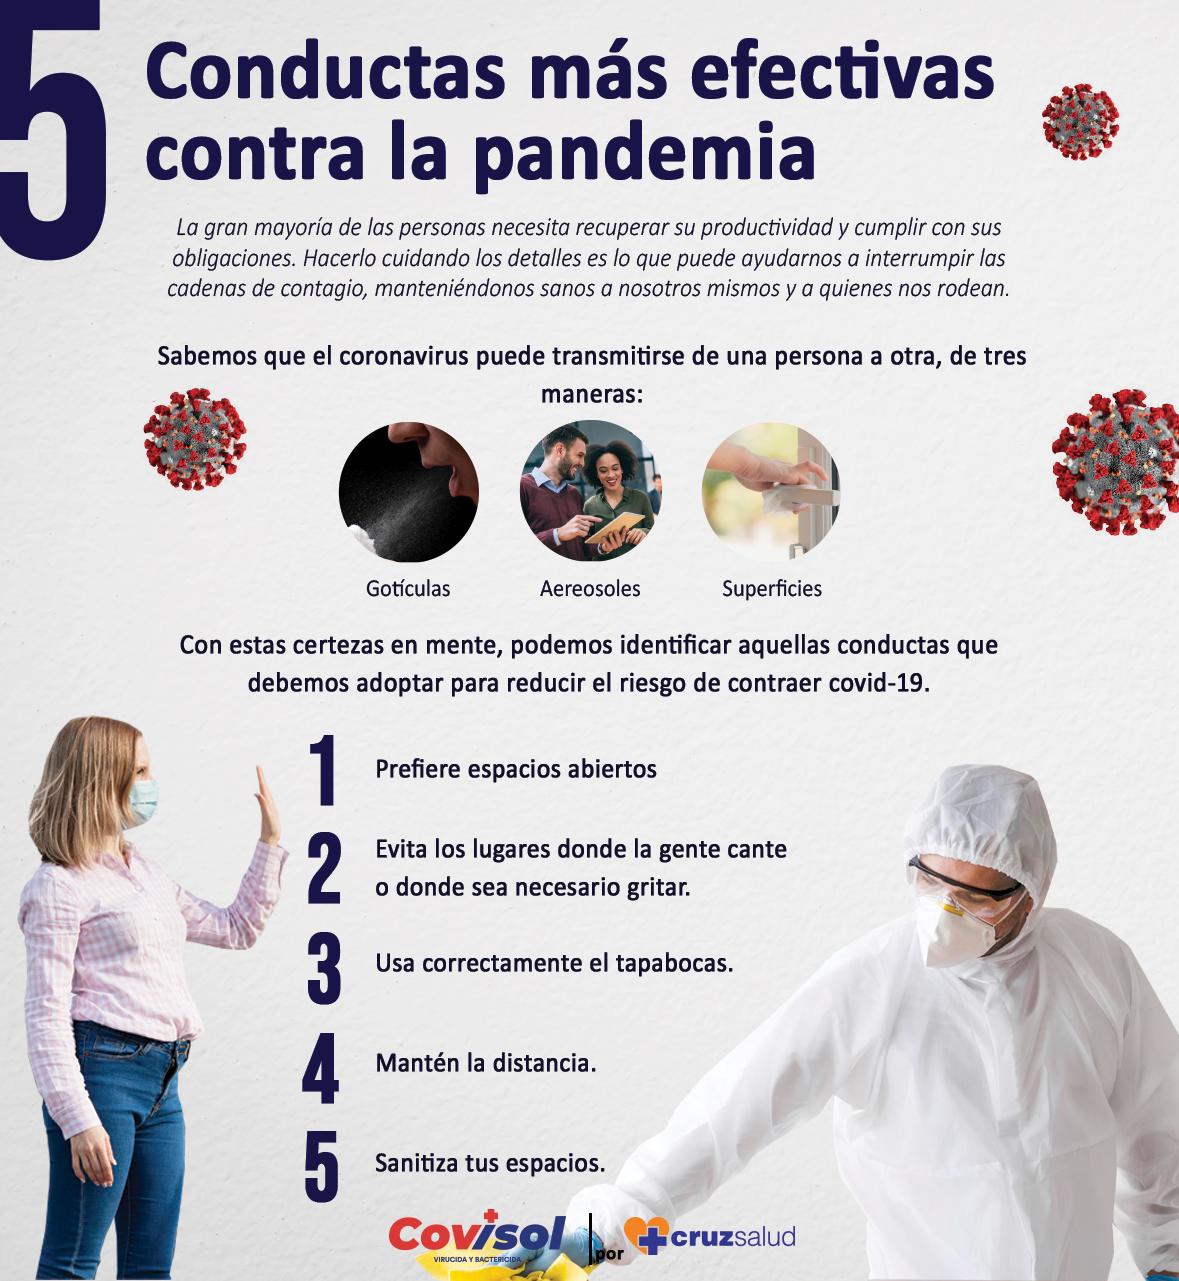 5 Conductas más efectivas contra la pandemia